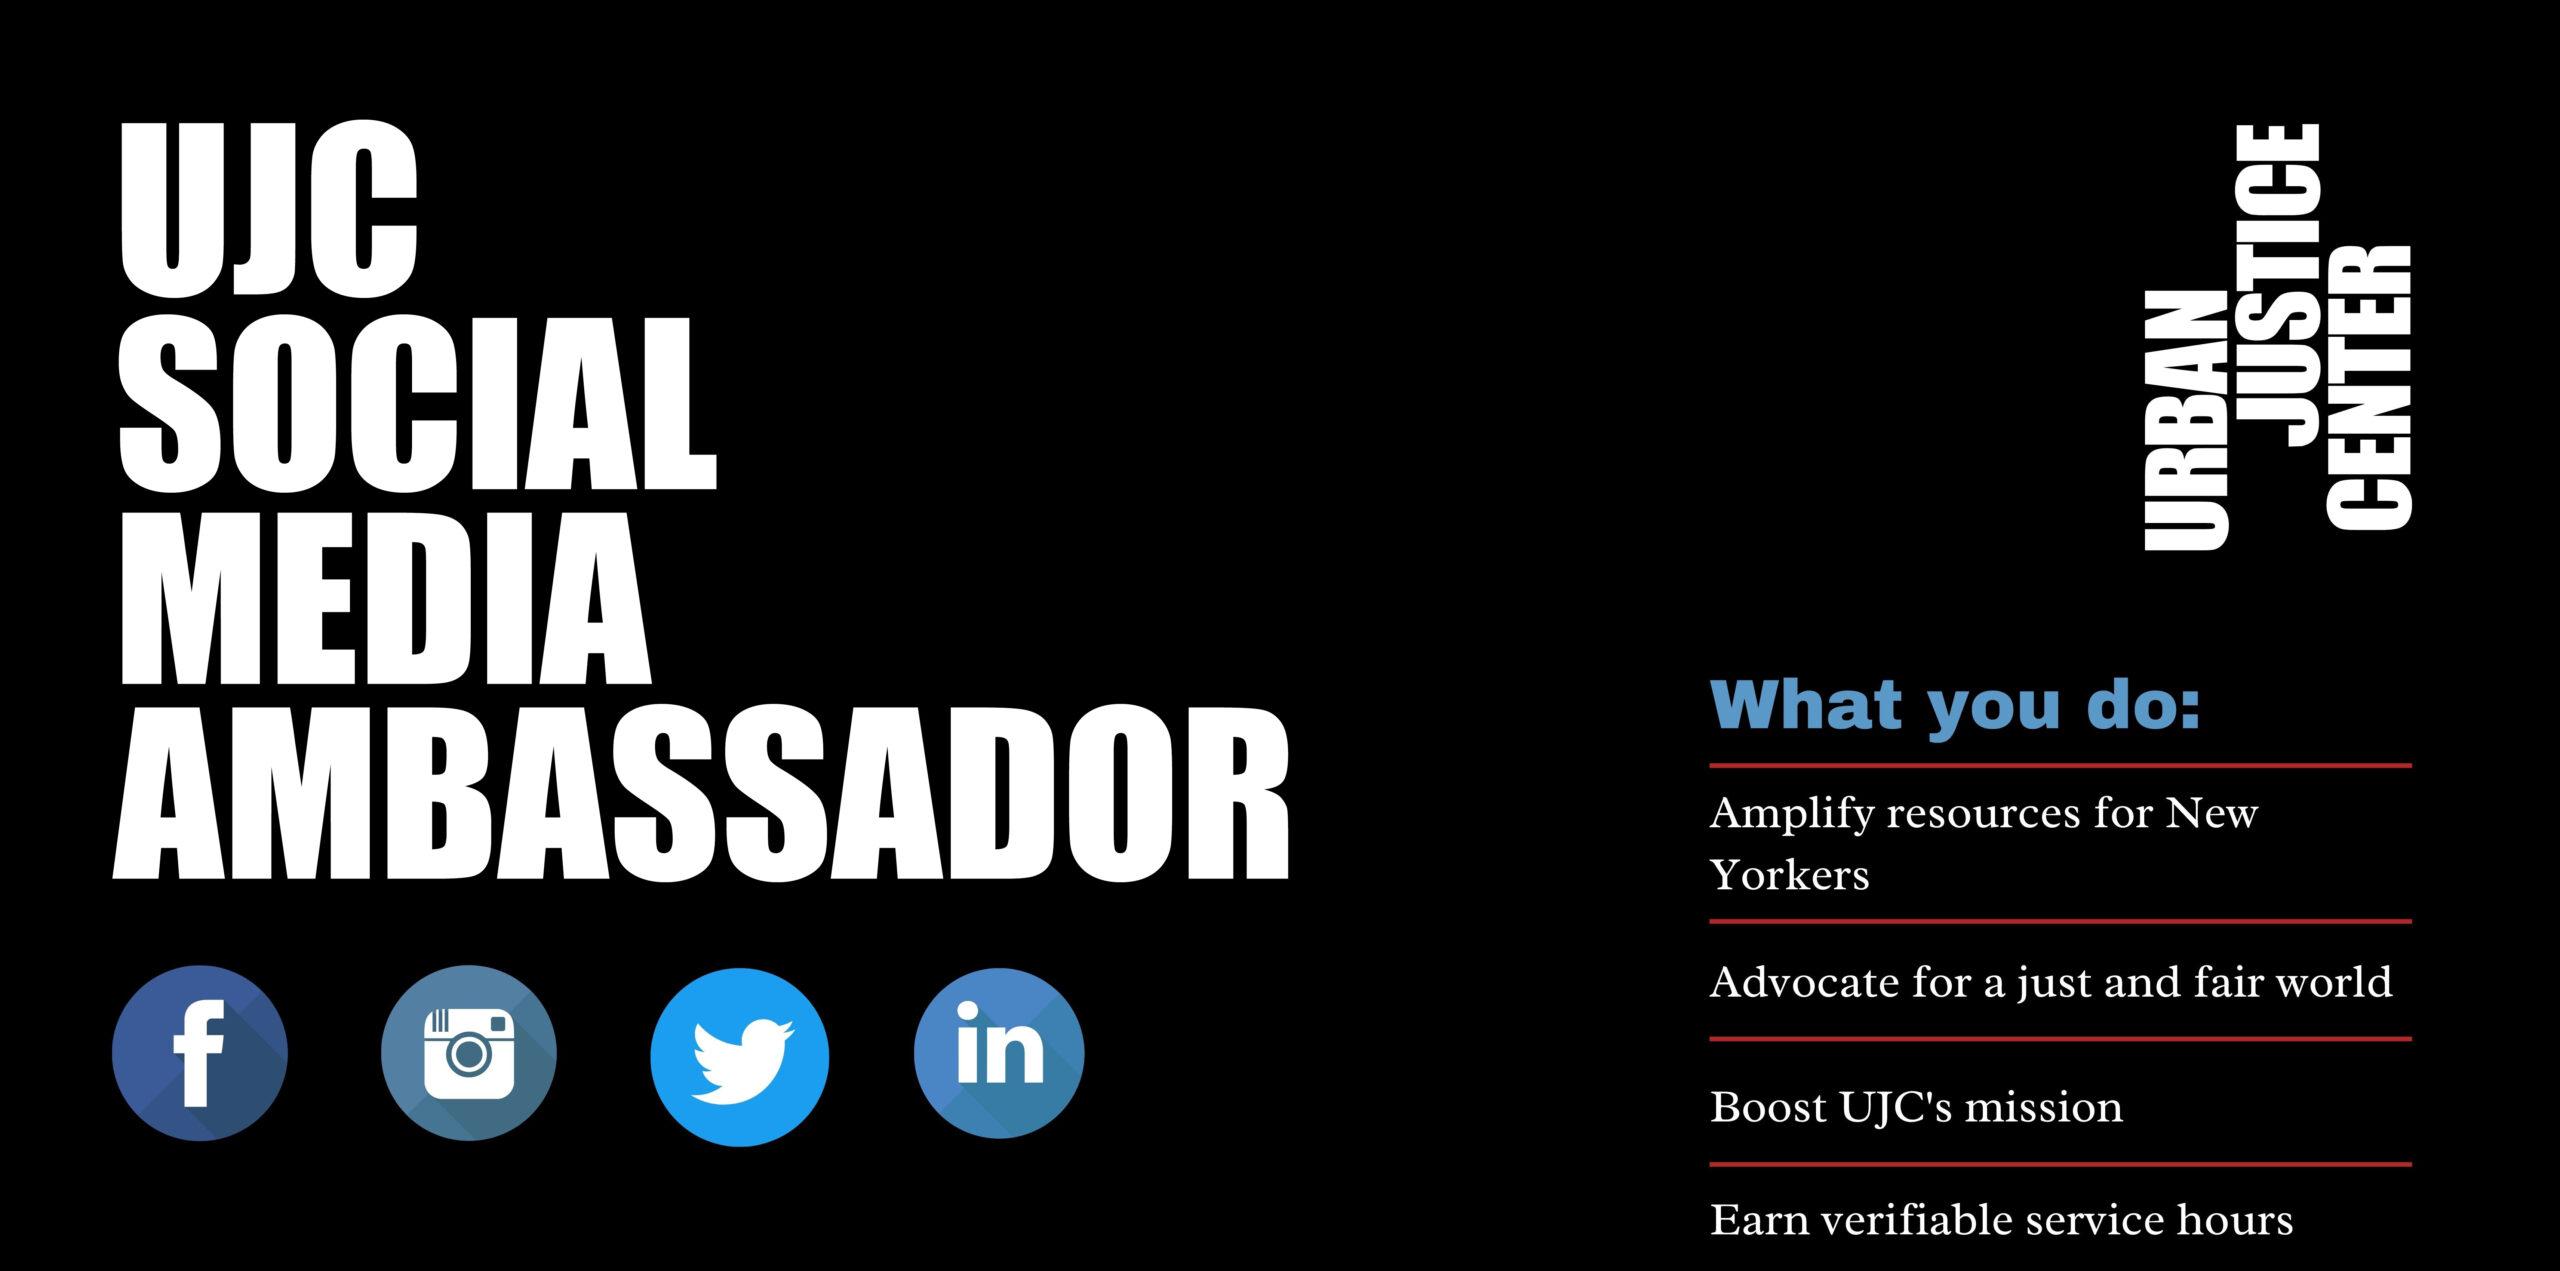 Image of the UJC Social Media Ambassador Header